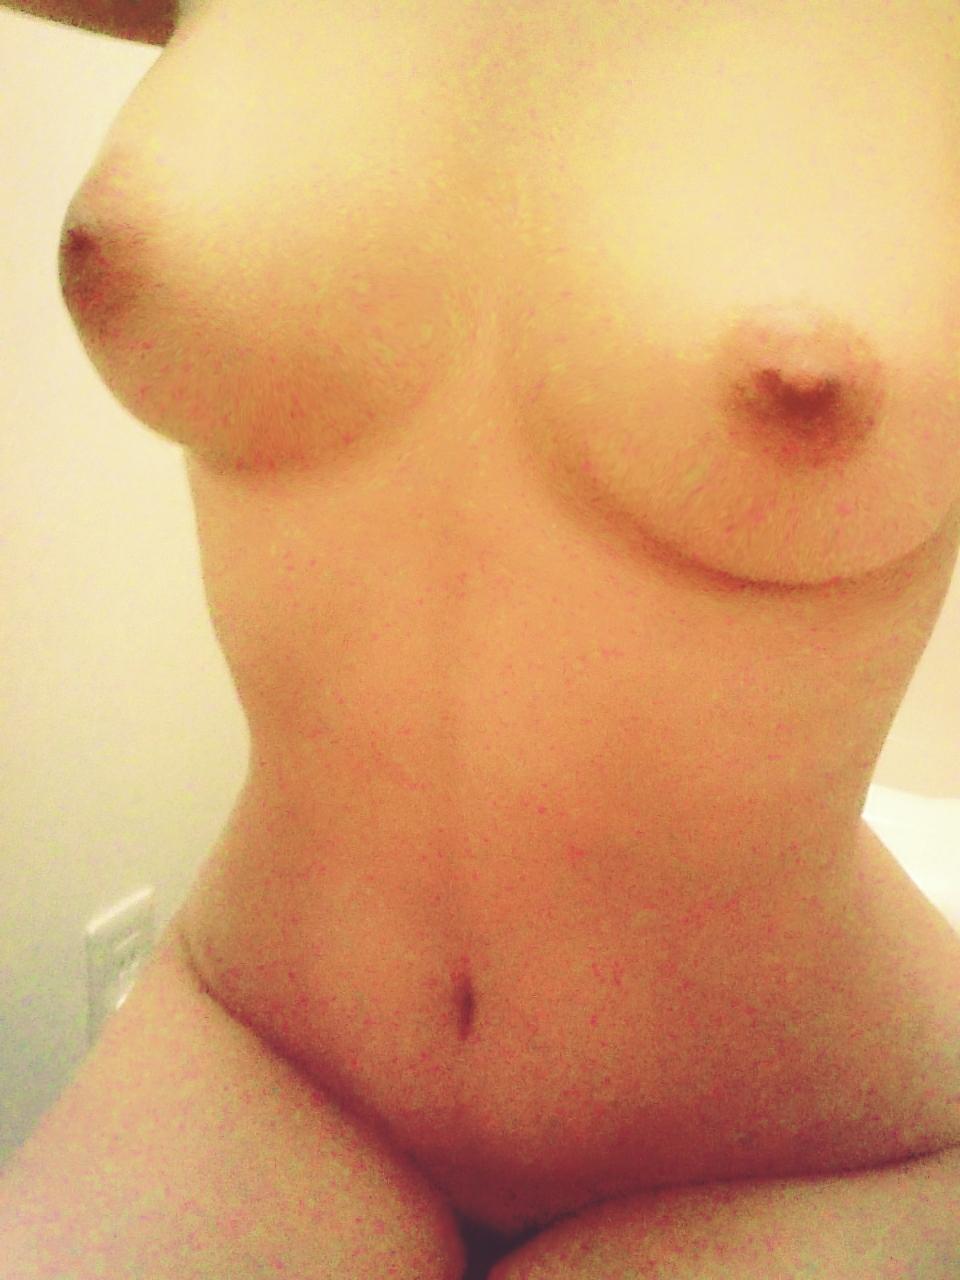 【自撮りエロ画像】この乳誰の?匿名性がより興奮を誘う女神のおっぱいwww 12